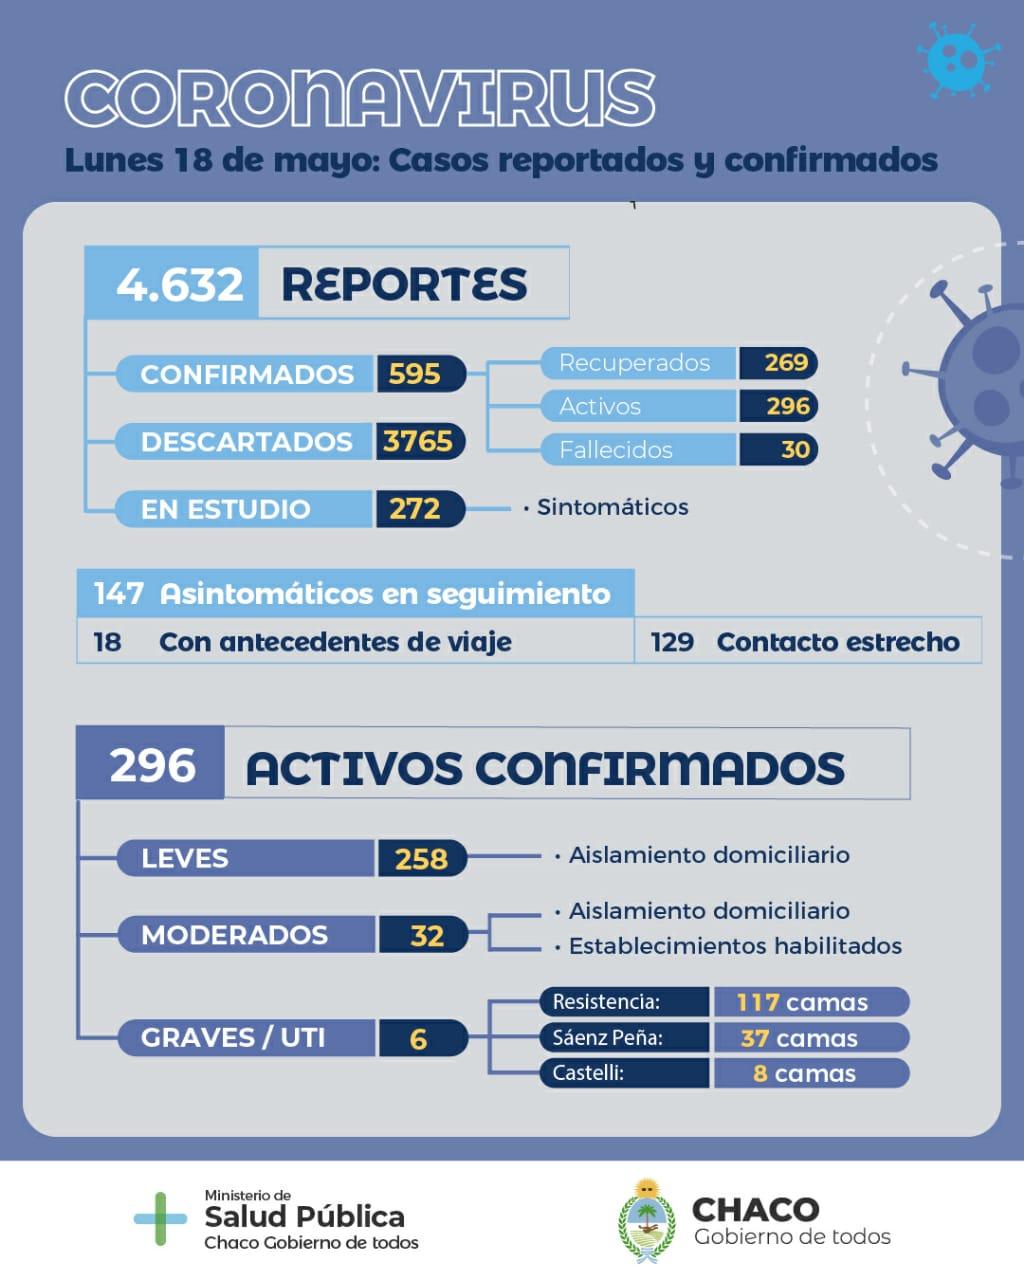 22 nuevos casos positivos de Covid-19 en Chaco